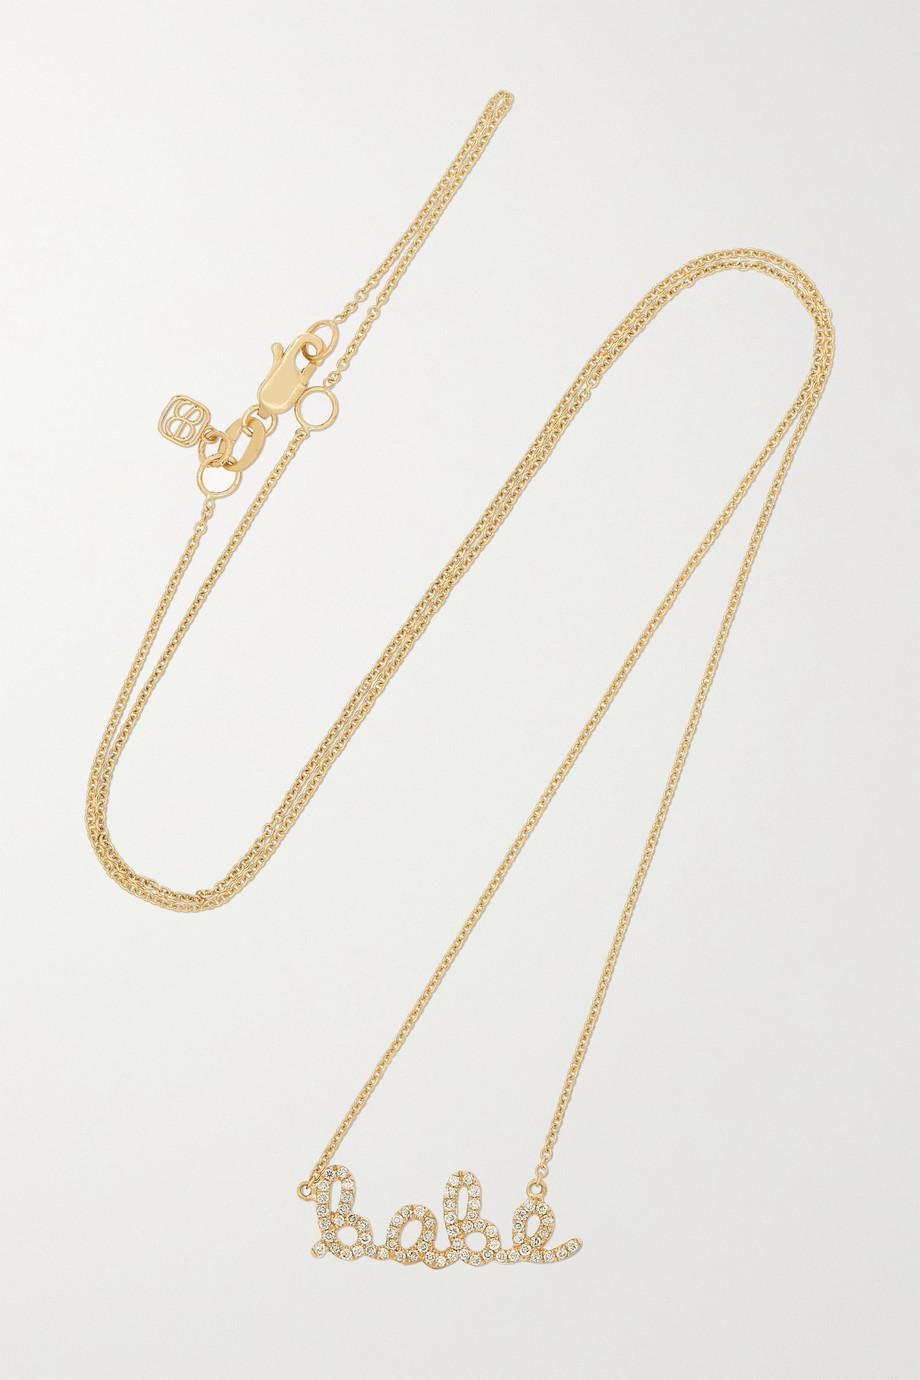 Sydney Evan Babe Kette aus 14 Karat Gold mit Diamanten